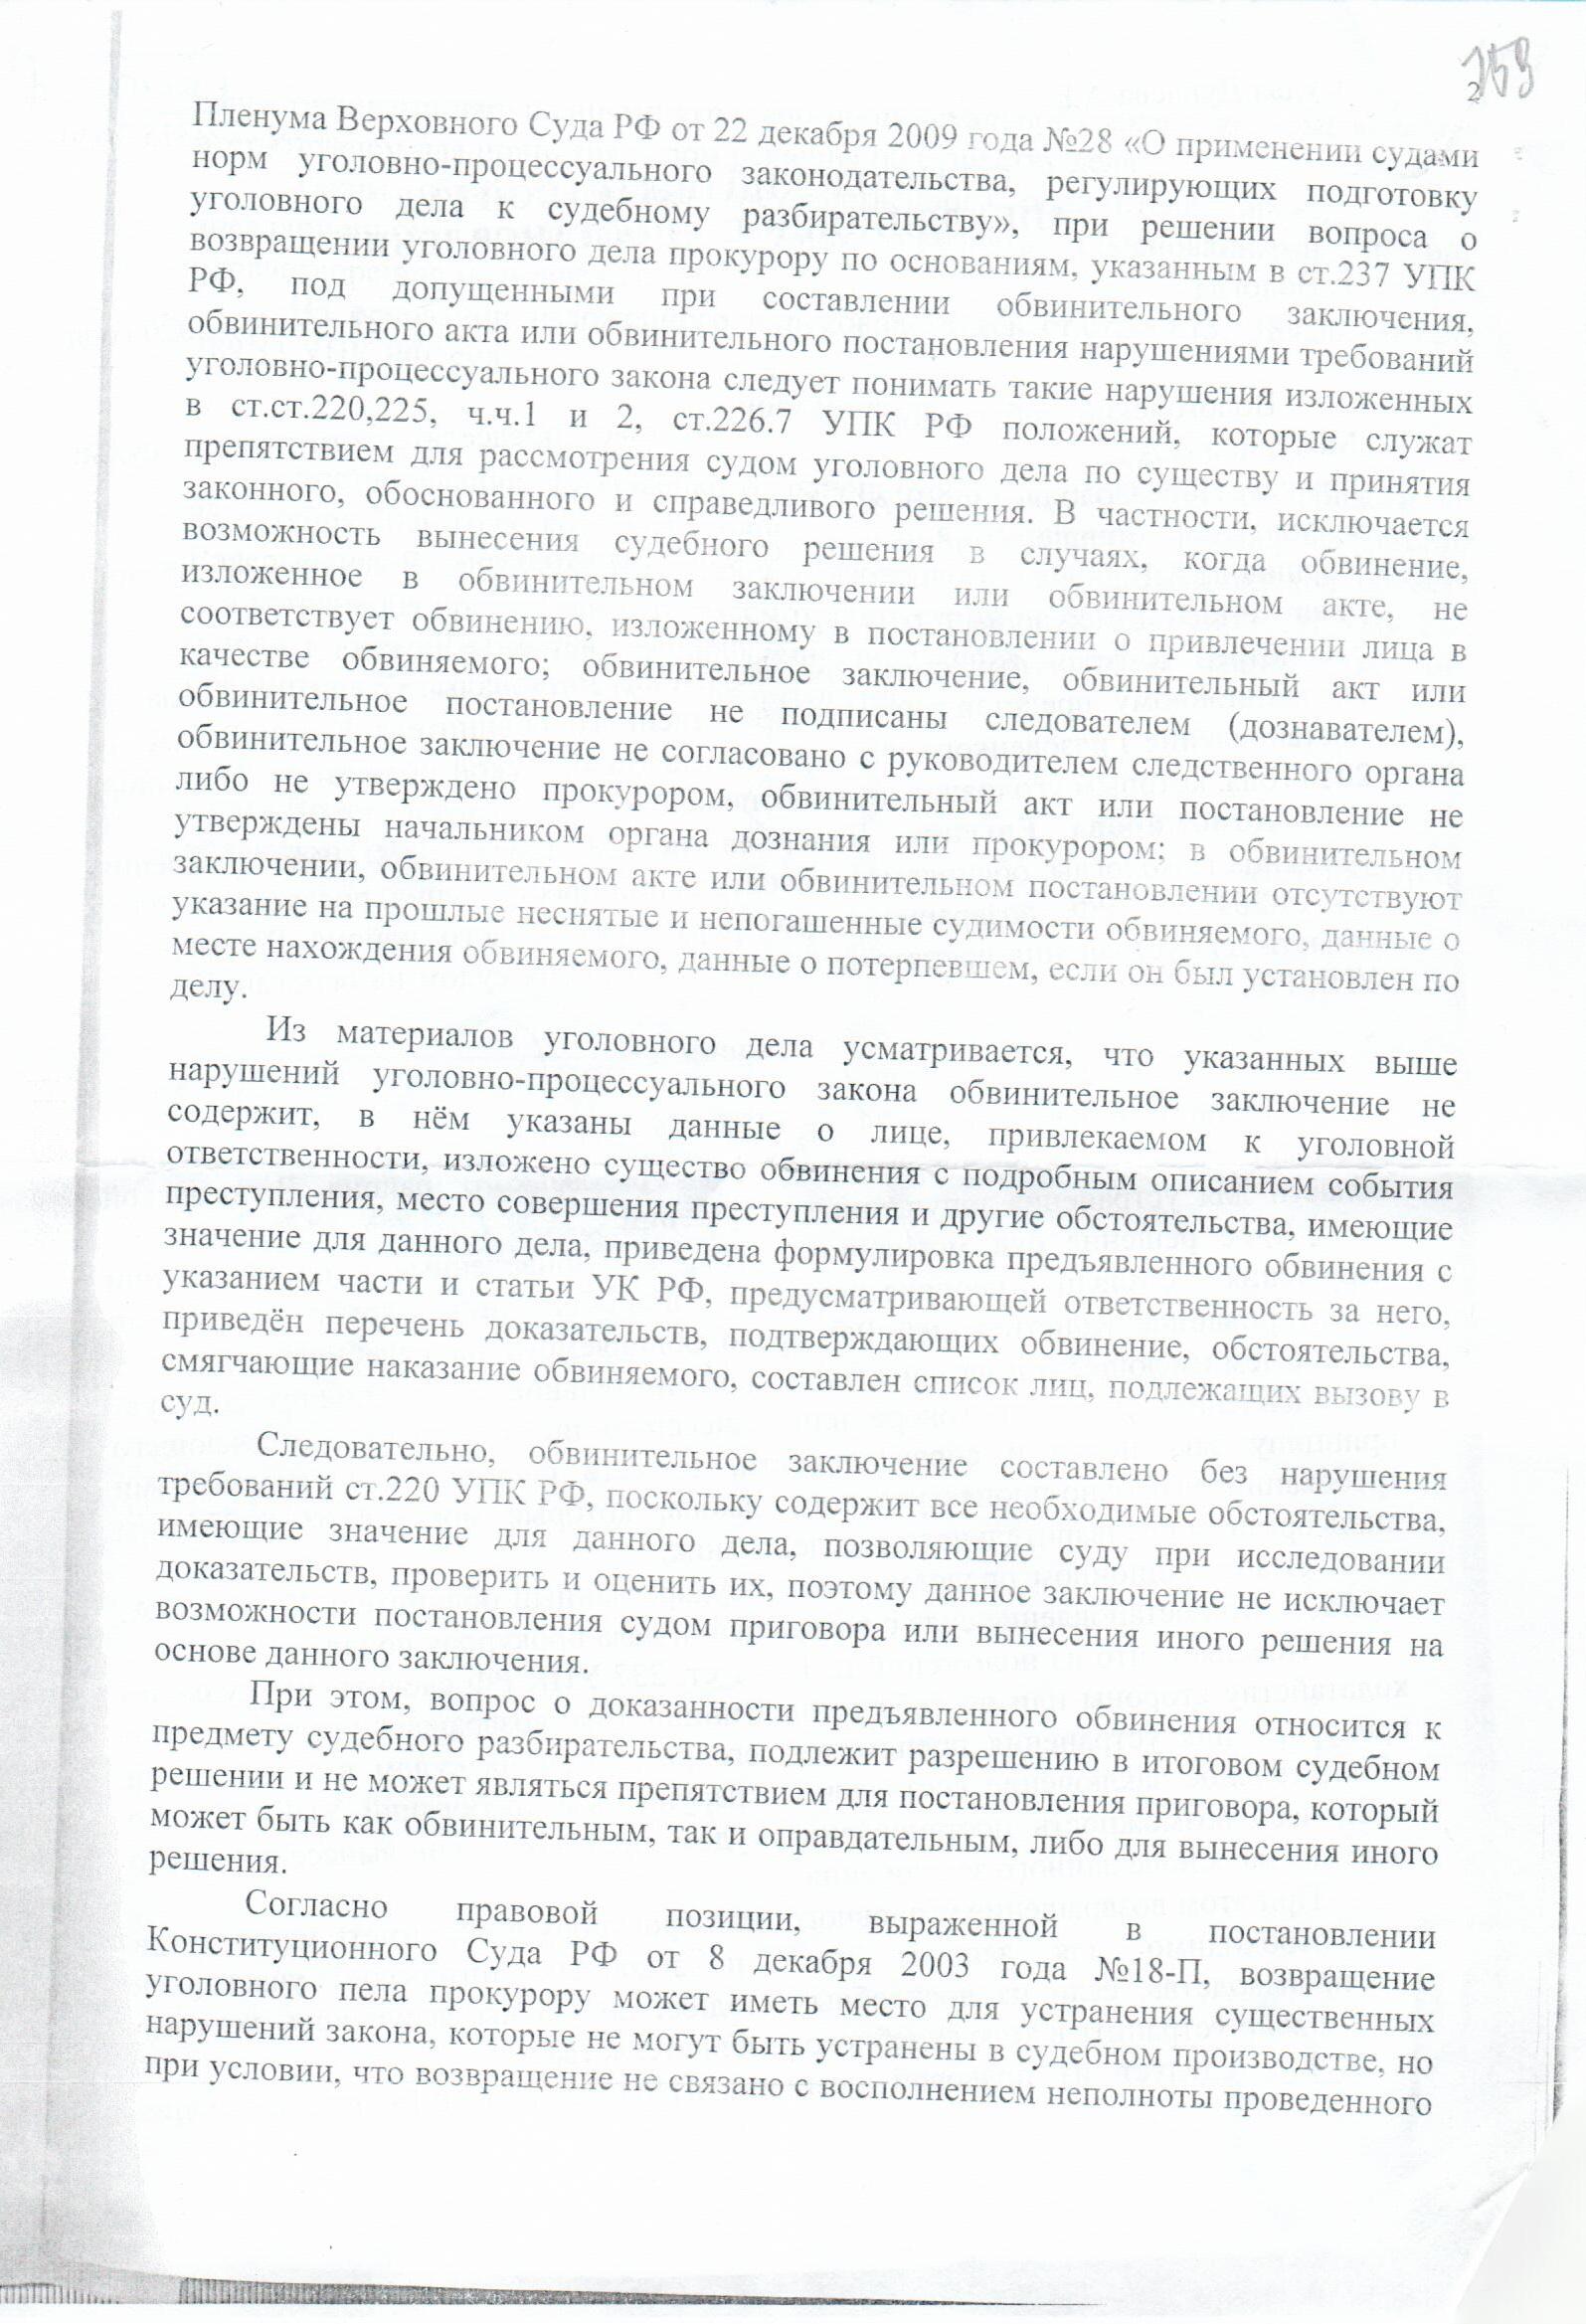 уголовное дело Евгения Доможирова по аварии 8.jpg